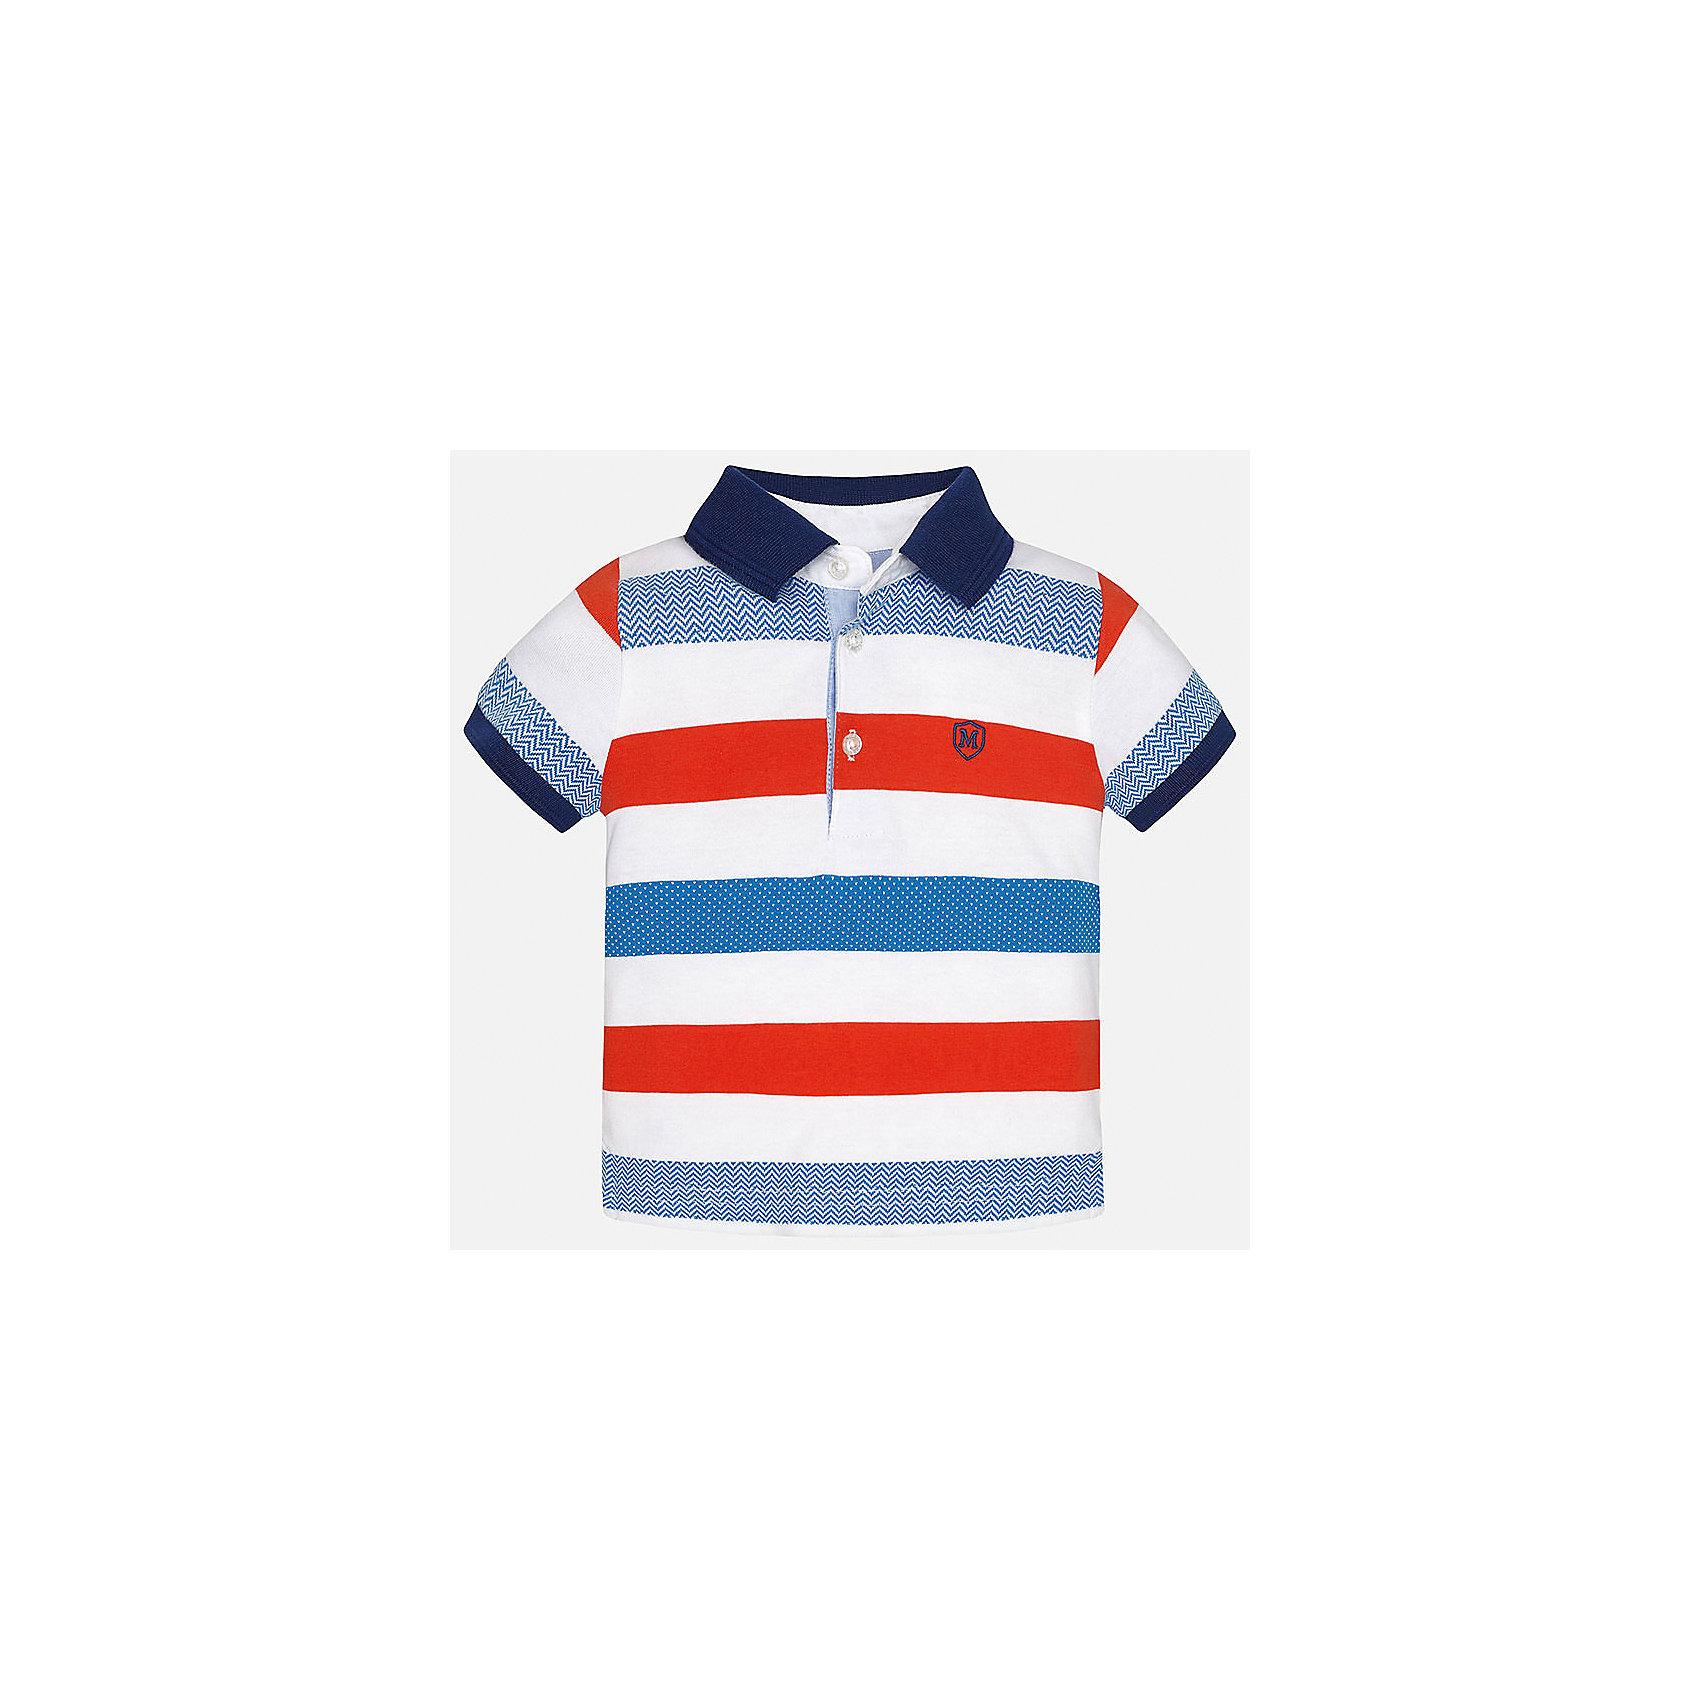 Футболка-поло для мальчика MayoralХарактеристики товара:<br><br>• цвет: белый/красный/голубой<br>• состав: 100% хлопок<br>• отложной воротник<br>• короткие рукава<br>• застежка: пуговицы<br>• декорирована вышивкой<br>• страна бренда: Испания<br><br>Модная футболка-поло для мальчика может стать базовой вещью в гардеробе ребенка. Она отлично сочетается с брюками, шортами, джинсами и т.д. Универсальный крой и цвет позволяет подобрать к вещи низ разных расцветок. Практичное и стильное изделие! В составе материала - только натуральный хлопок, гипоаллергенный, приятный на ощупь, дышащий.<br><br>Одежда, обувь и аксессуары от испанского бренда Mayoral полюбились детям и взрослым по всему миру. Модели этой марки - стильные и удобные. Для их производства используются только безопасные, качественные материалы и фурнитура. Порадуйте ребенка модными и красивыми вещами от Mayoral! <br><br>Футболку-поло для мальчика от испанского бренда Mayoral (Майорал) можно купить в нашем интернет-магазине.<br><br>Ширина мм: 230<br>Глубина мм: 40<br>Высота мм: 220<br>Вес г: 250<br>Цвет: красный<br>Возраст от месяцев: 12<br>Возраст до месяцев: 15<br>Пол: Мужской<br>Возраст: Детский<br>Размер: 80,92,86<br>SKU: 5279422